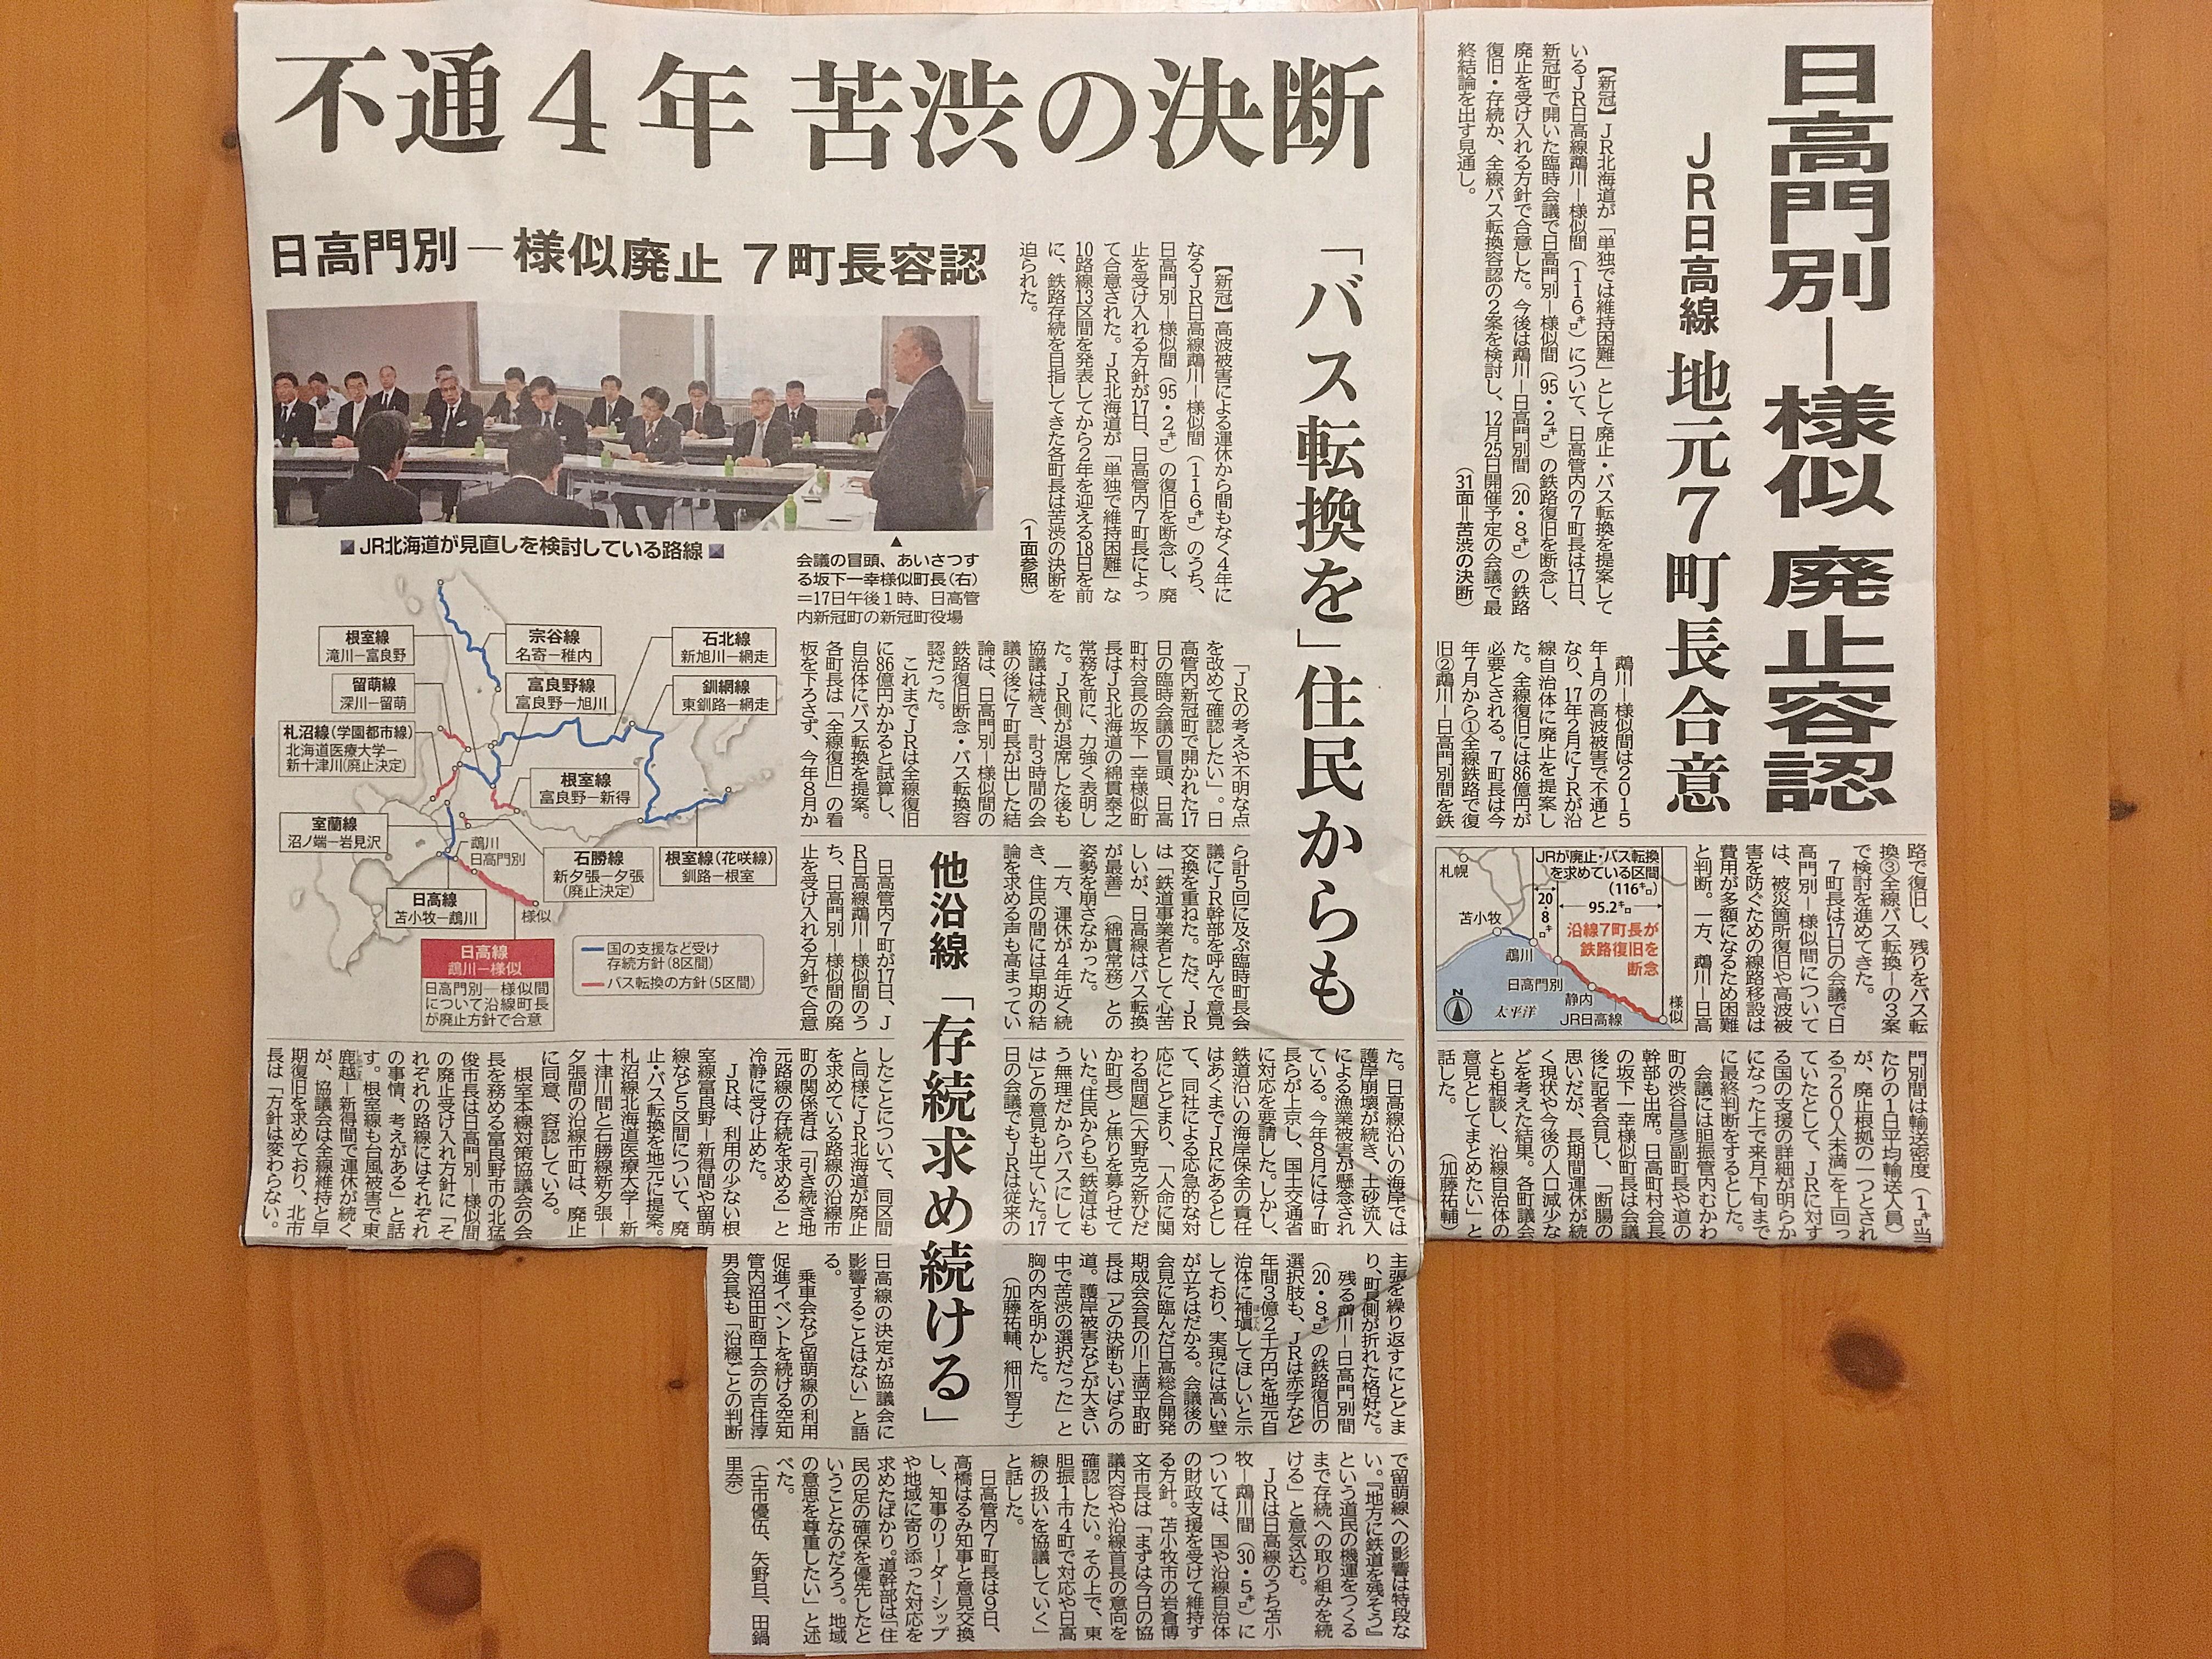 日高本線・日高門別−様似間 廃止容認記事_181118.JPG